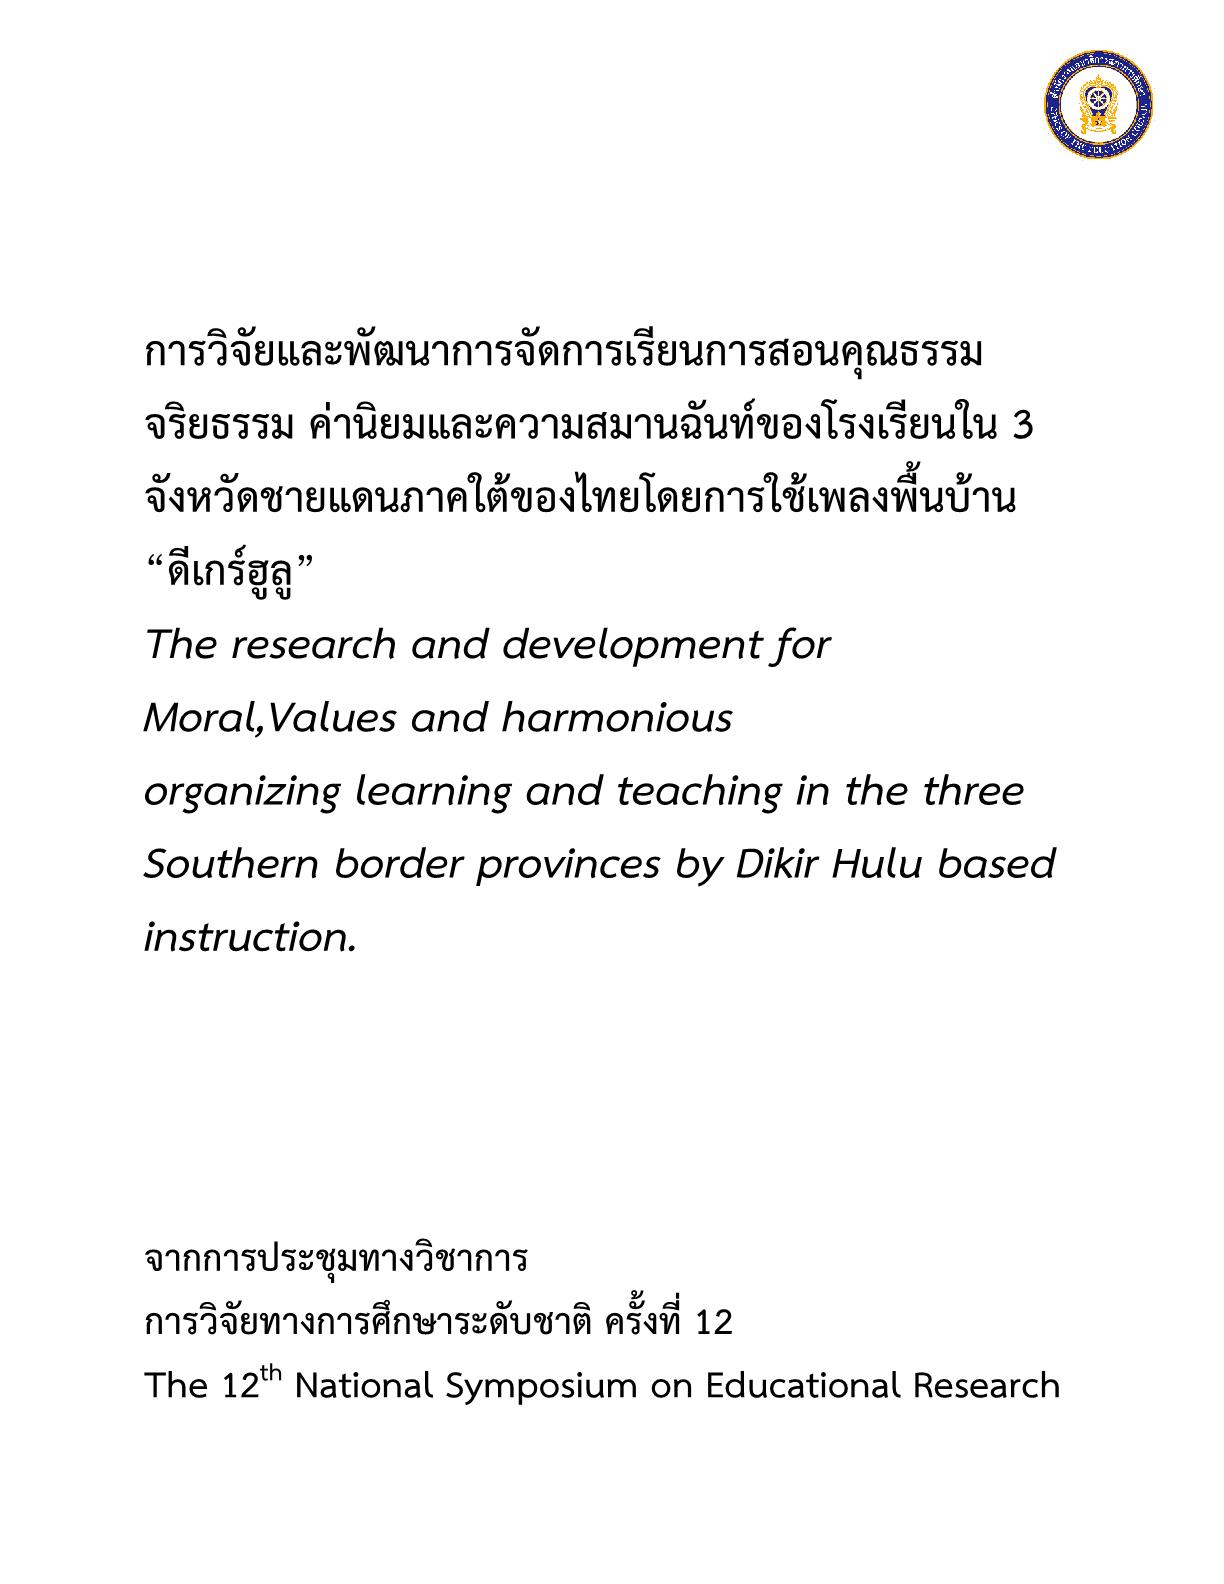 """การวิจัยและพัฒนาการจัดการเรียนการสอนคุณธรรมจริยธรรม ค่านิยมและความสมานฉันท์ของโรงเรียนใน 3 จังหวัดชายแดนภาคใต้ของไทยโดยการใช้เพลงพื้นบ้าน """"ดีเกร์ฮูลู"""""""